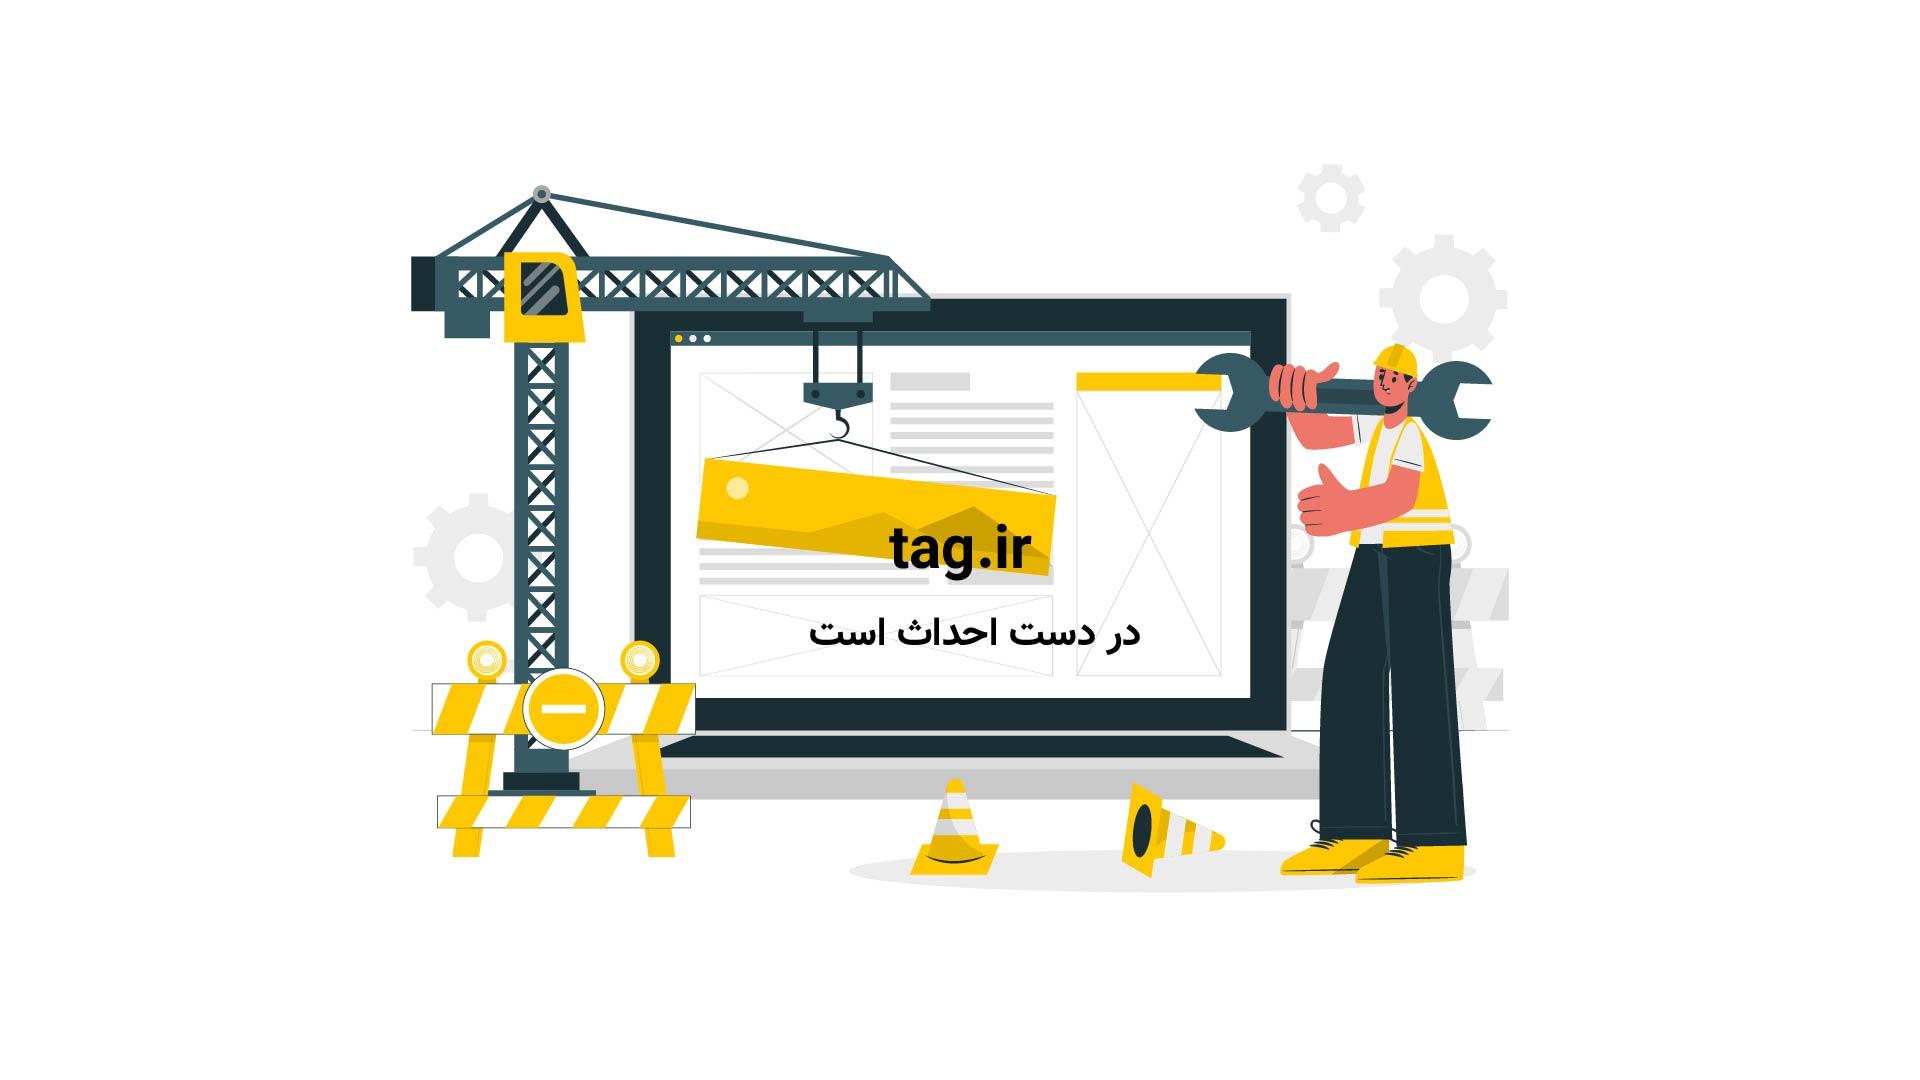 اپلیکیشن کرنومتر سلامتی برای اندروید | فیلم